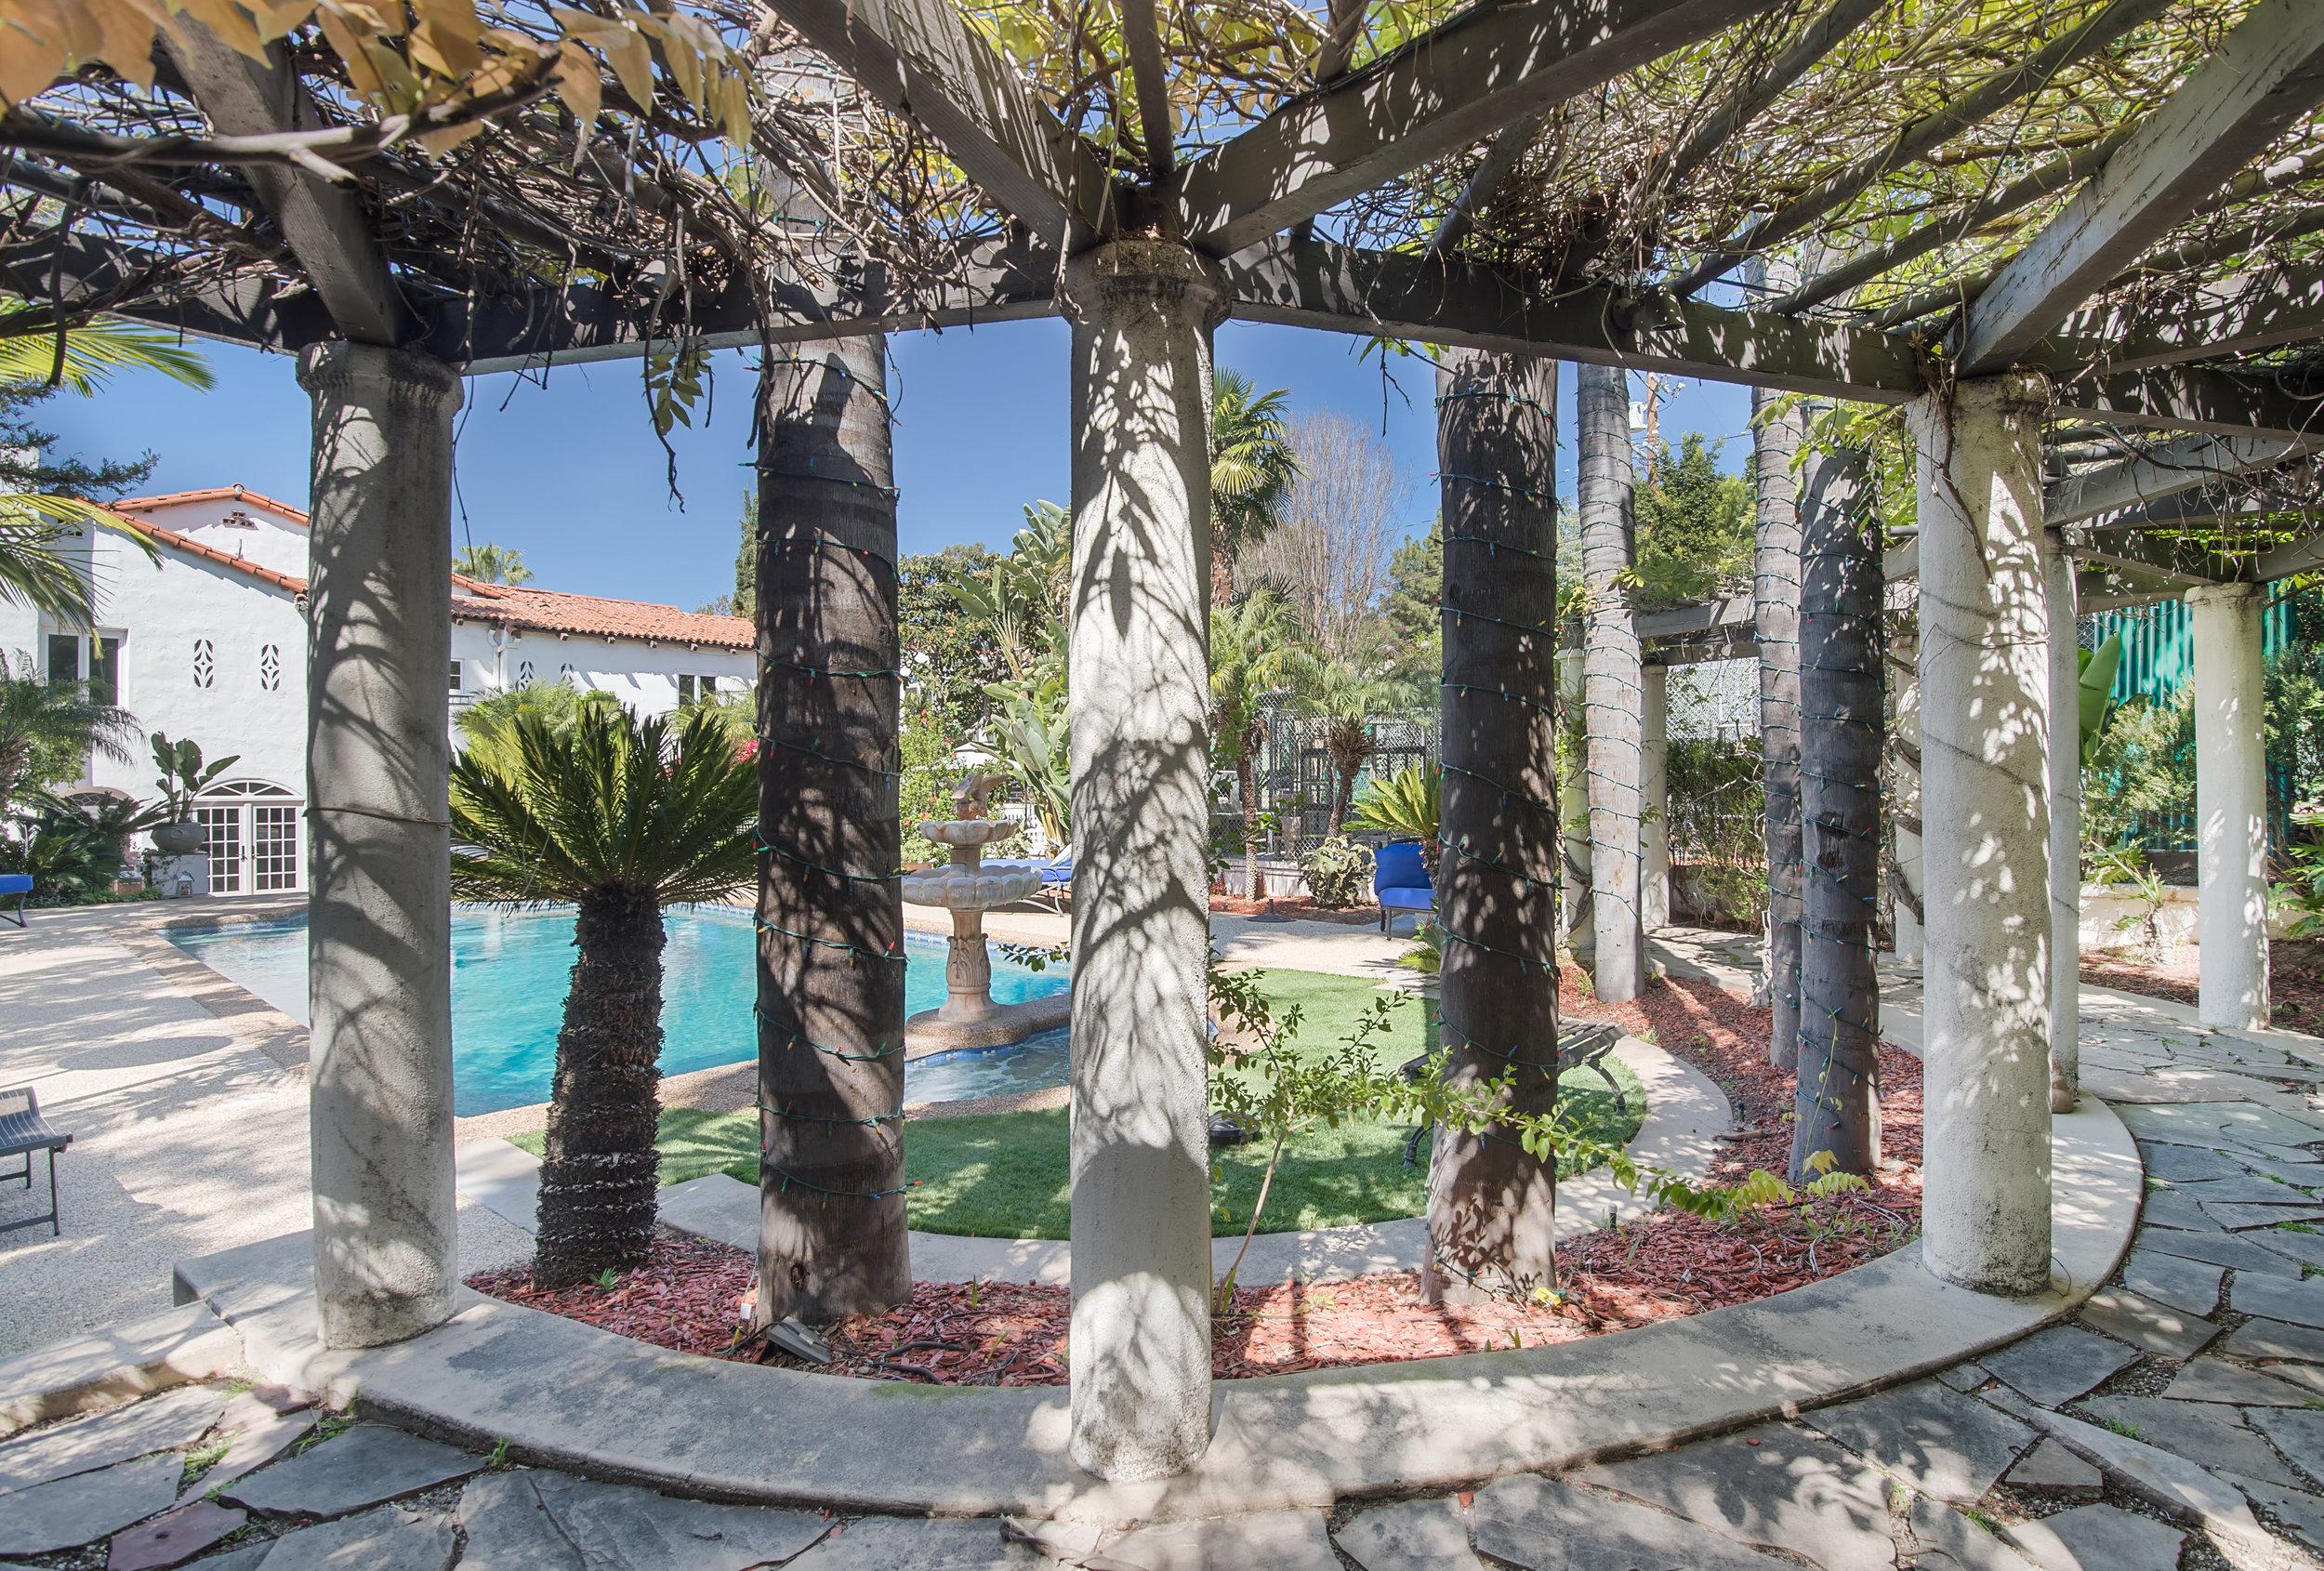 030 Pool 006 Pool 4915 Los Feliz For Sale Los Angeles Lease The Malibu Life Team Luxury Real Estate.jpg